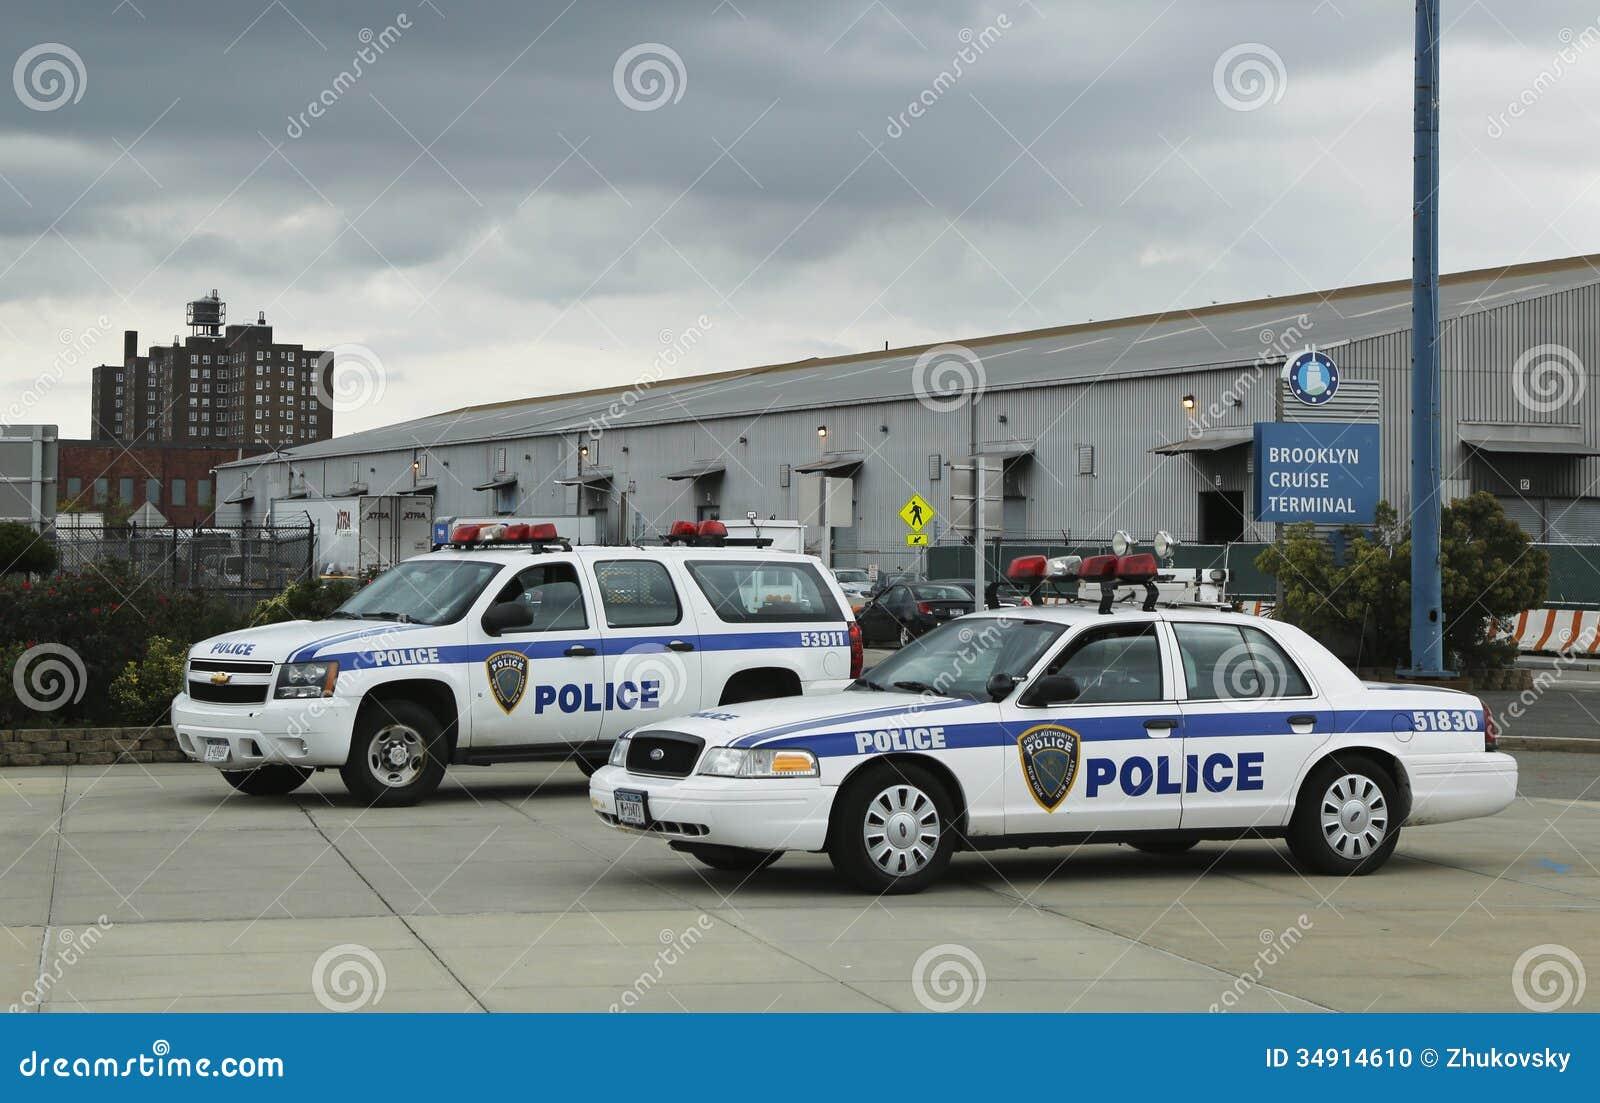 A polícia New York-new Jersey da autoridade portuária que fornecem a segurança para o navio de cruzeiros de Emerald Princess entro